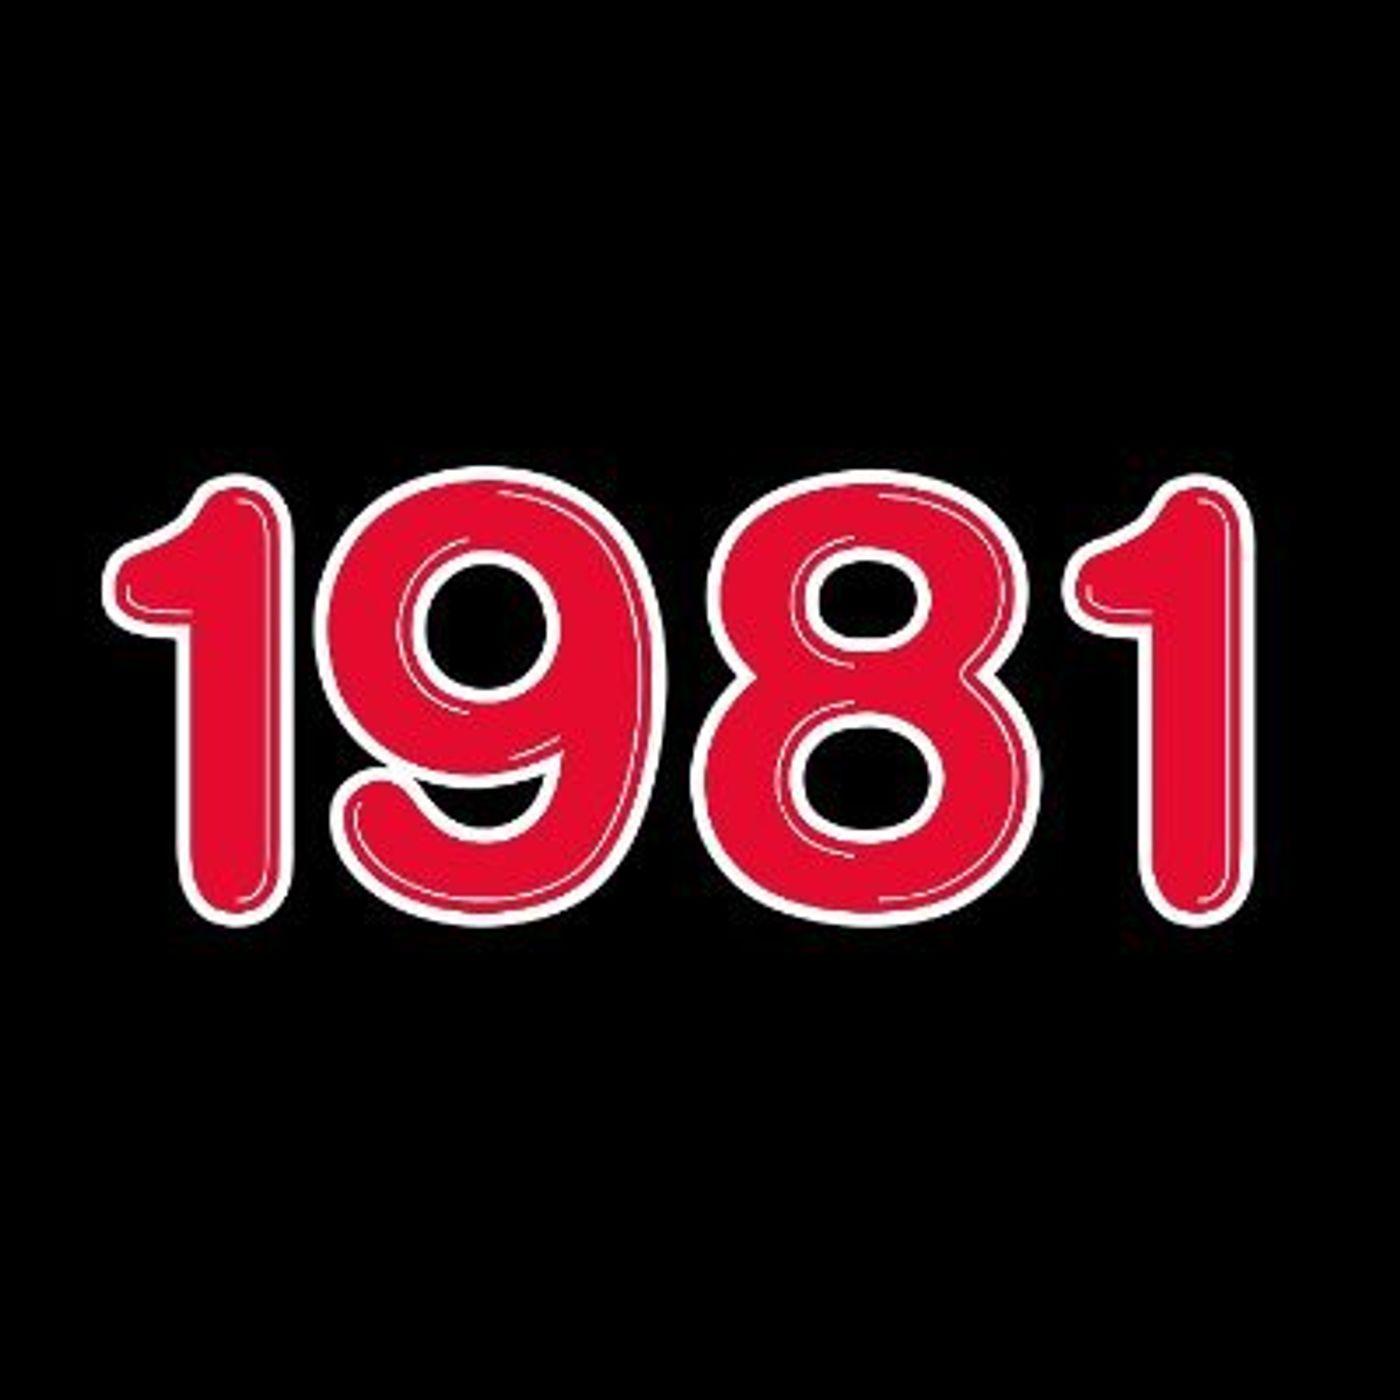 Reelin Oct 6th, 1980